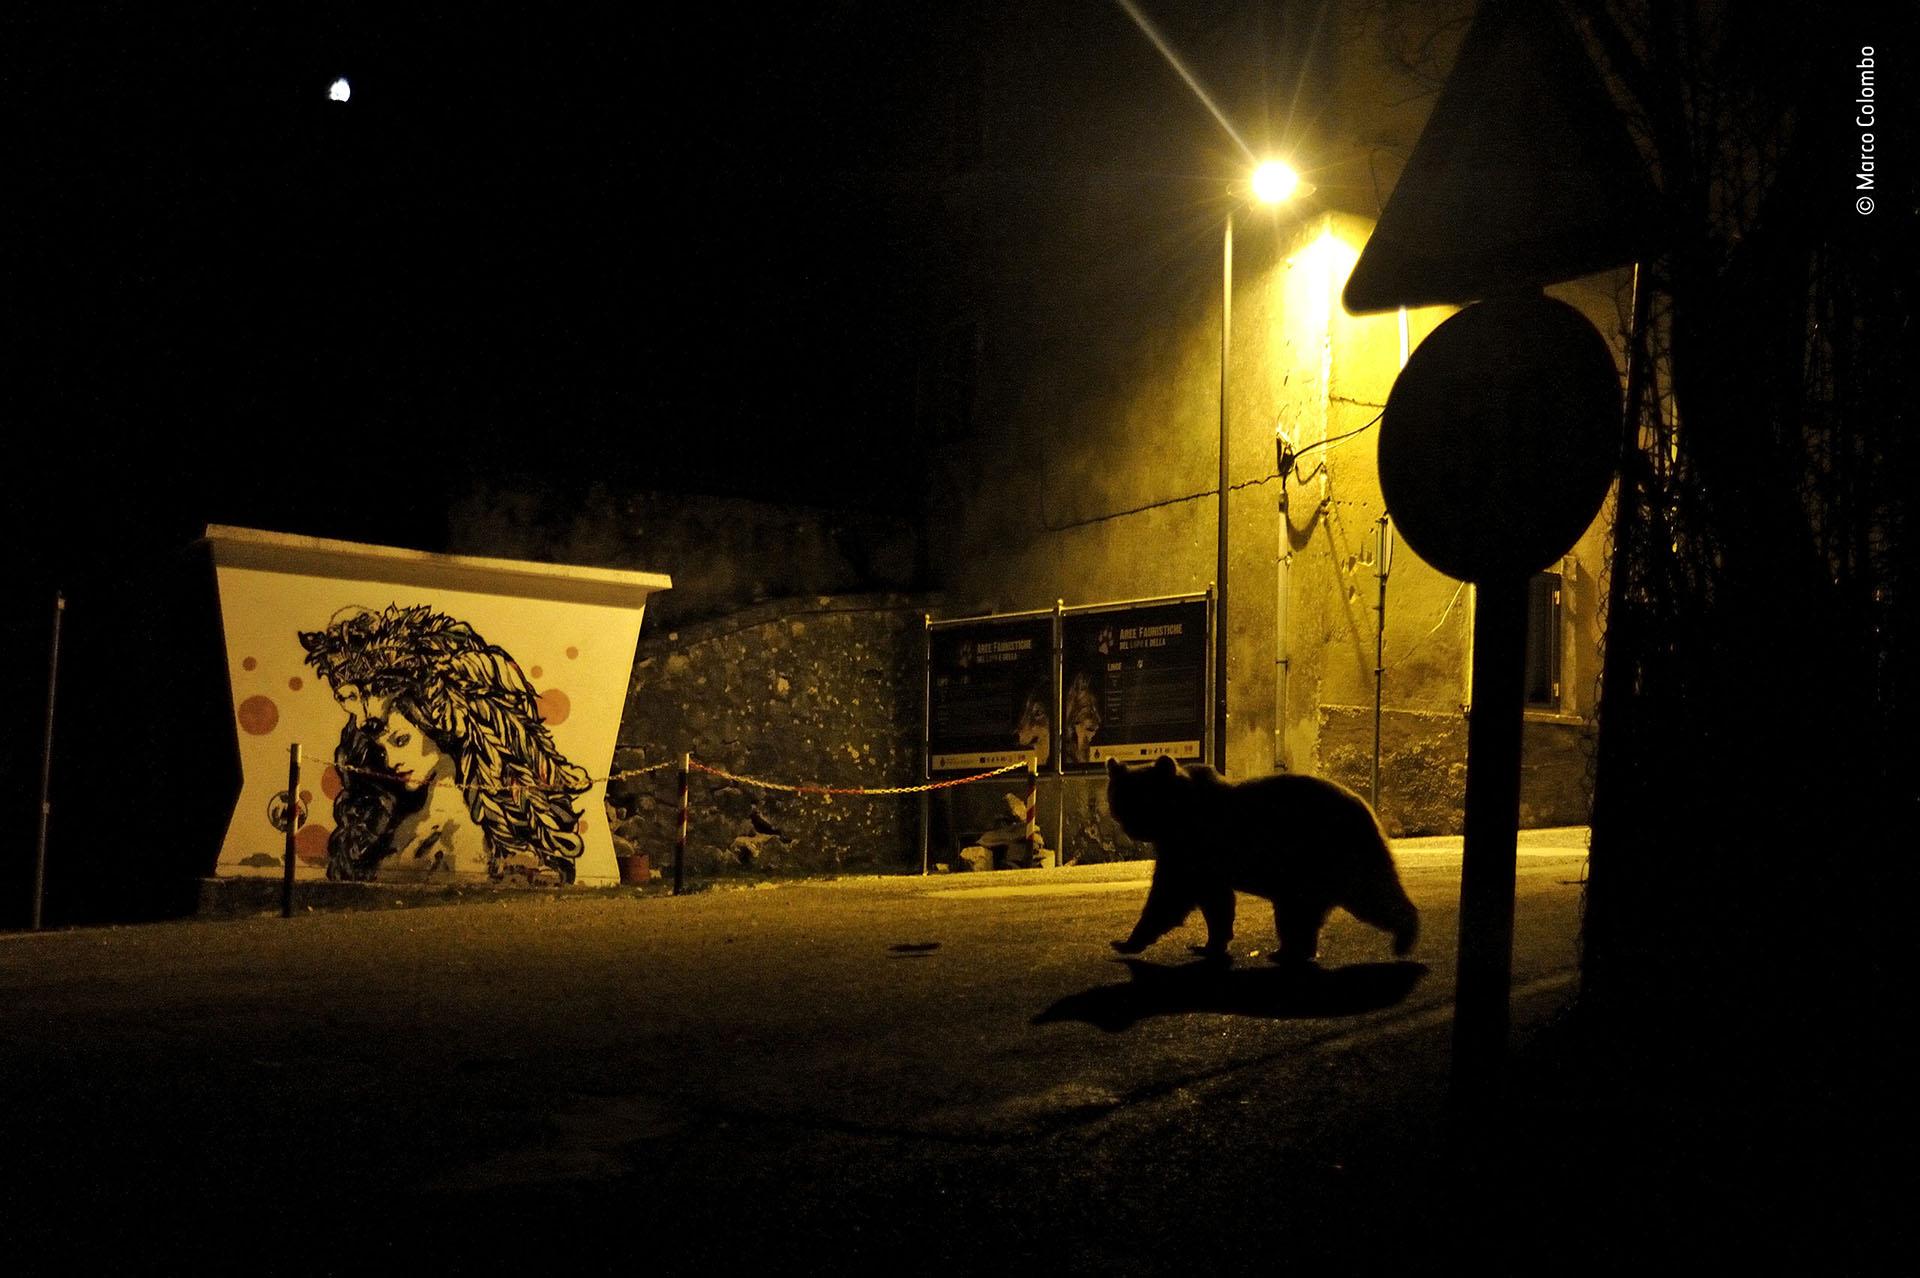 """Marco Colombo (Italia), categoría Vida silvestre urbana. """"Caminos cruzados"""", un oso pardo de los Apeninos cruza una calle en Italia"""